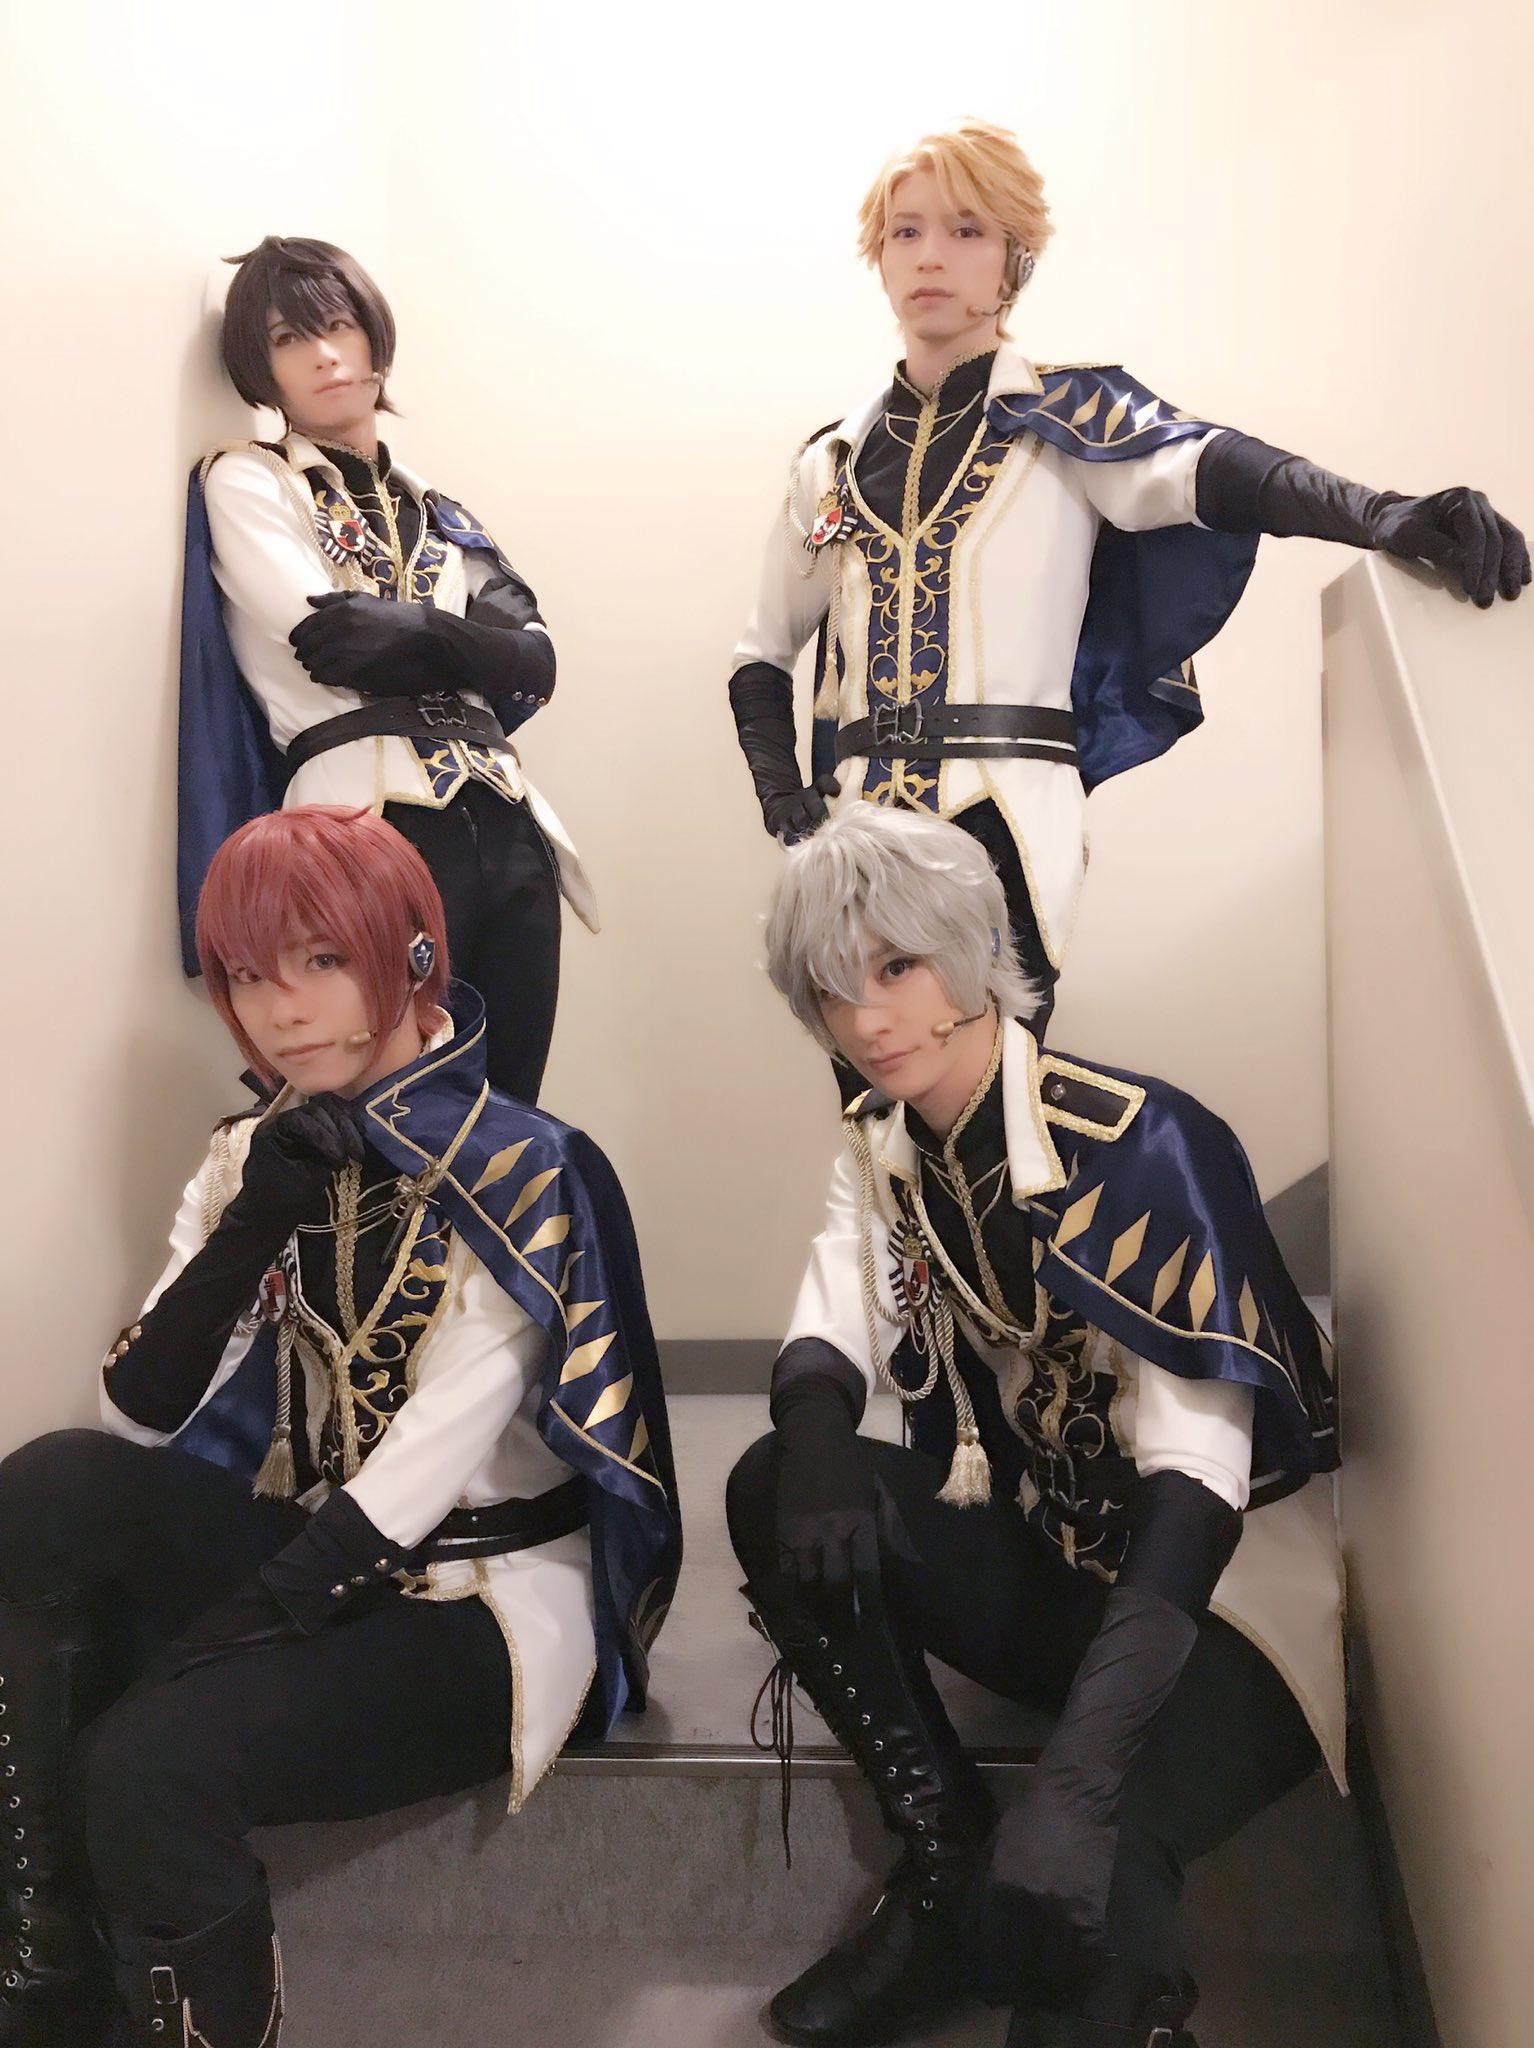 「あんさんぶるスターズ extra stage Jadge of Knights 大千秋楽」 https://t.co/lybzDXz1Yh https://t.co/zxeQLOiJQn